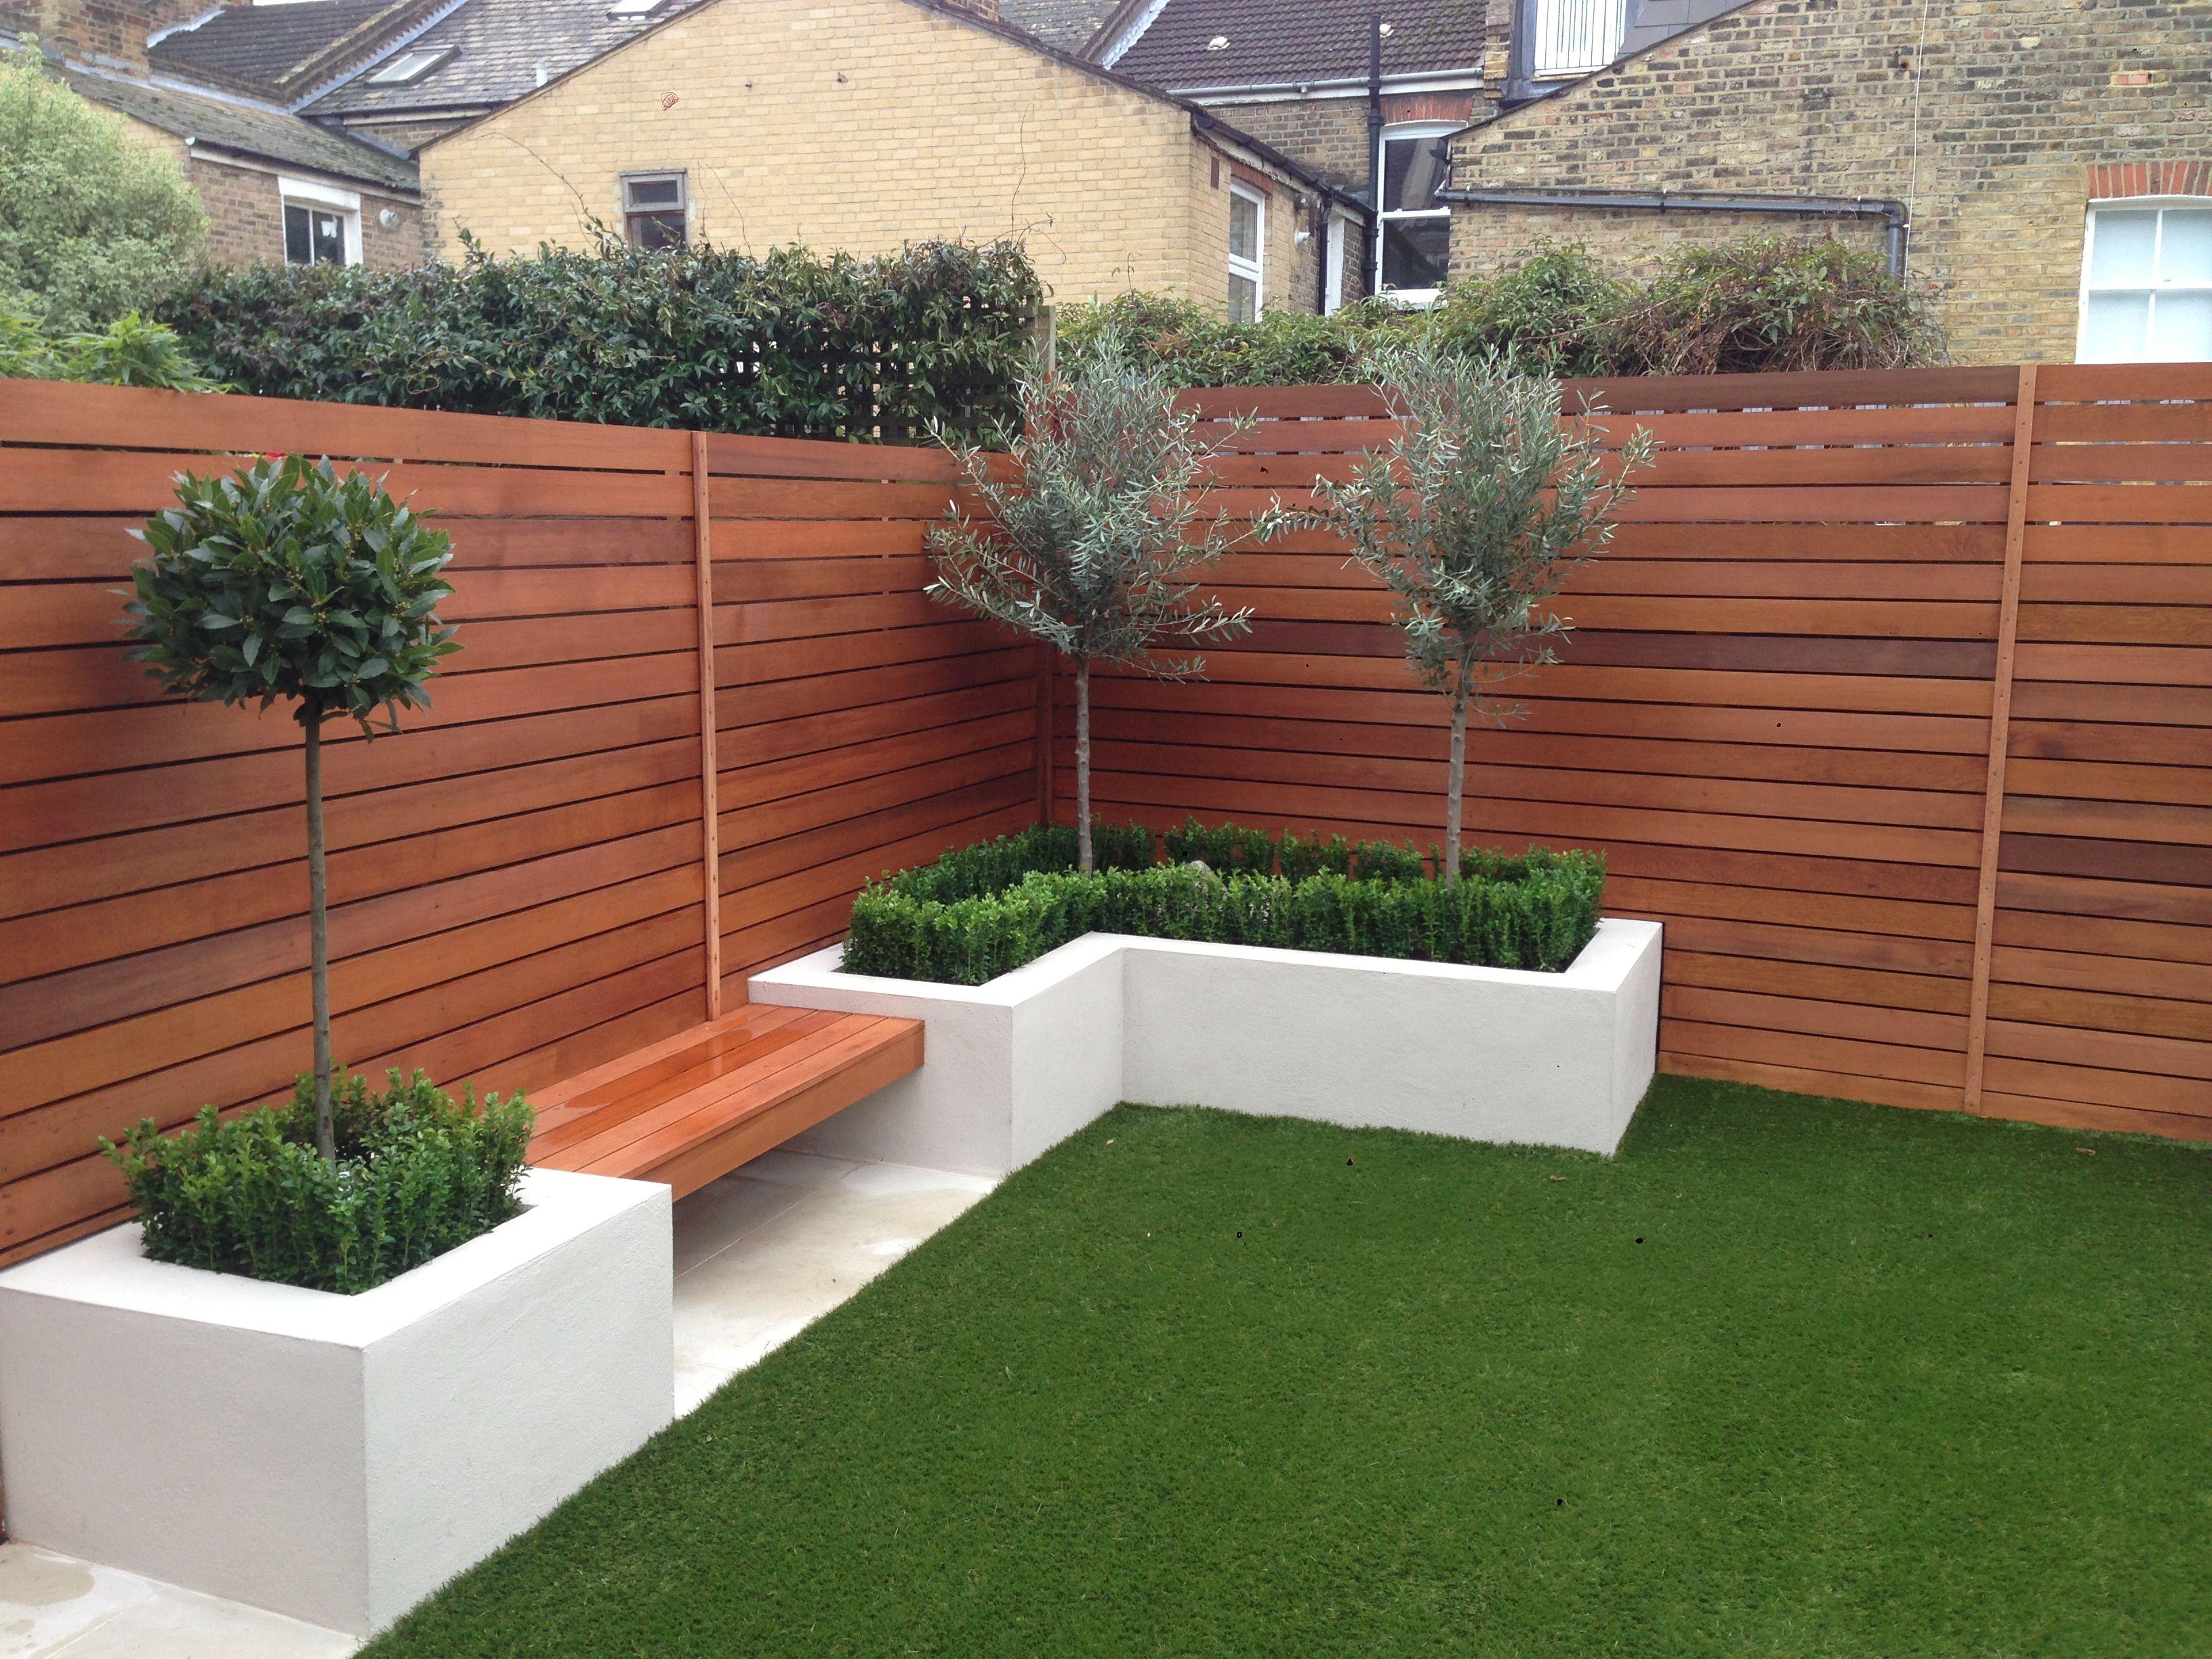 Wandsworth Urban Garden Design: Garden Fencing, Small Garden